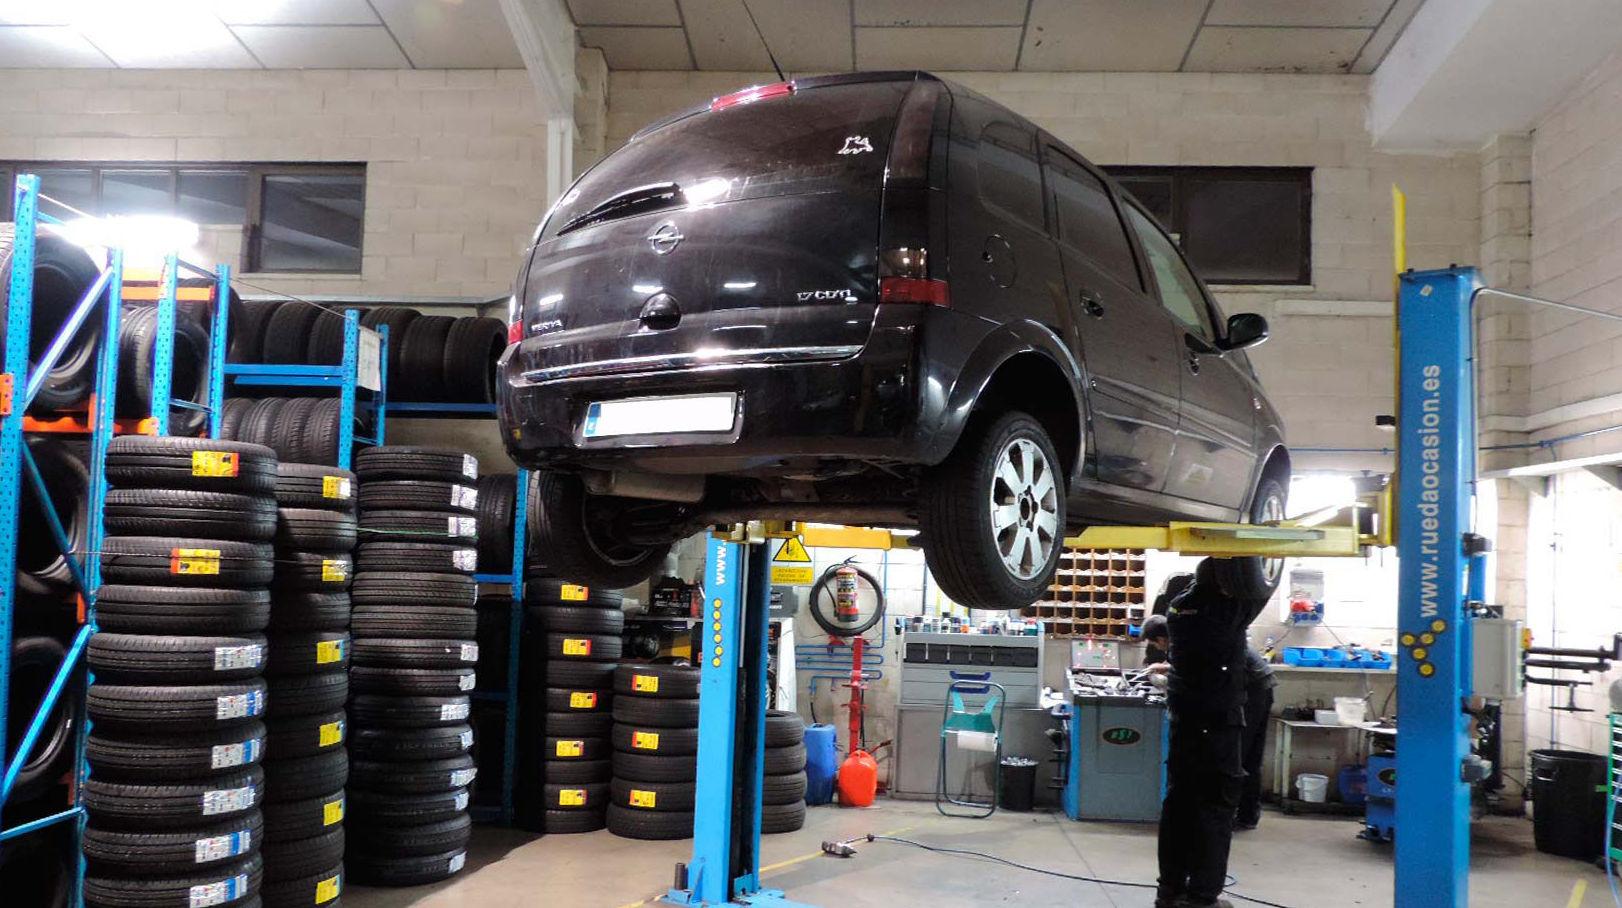 Cambio de neumáticos baratos en Colmenar Viejo - Taller Rueda Ocasión